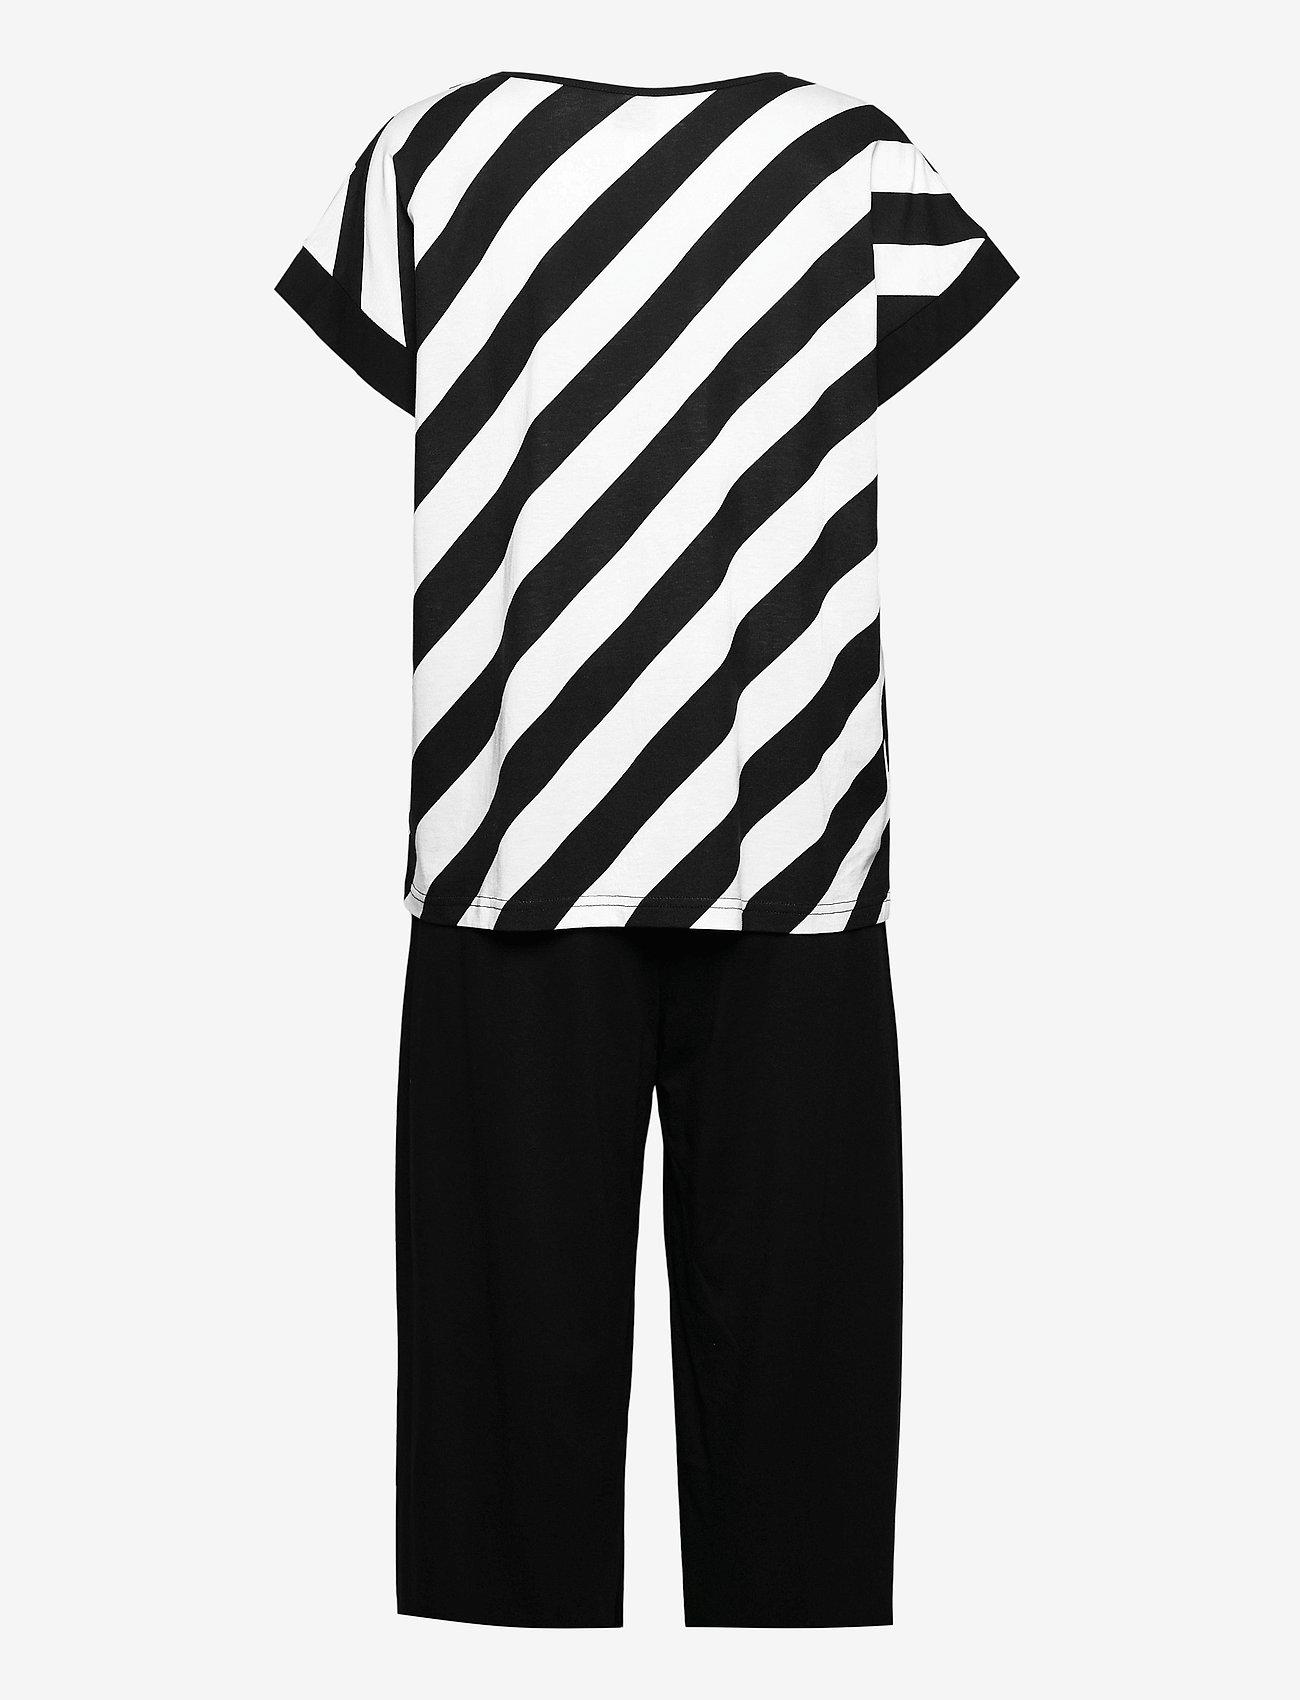 Nanso - Ladies pyjamas, Kulma - pyjamas - black and white - 1